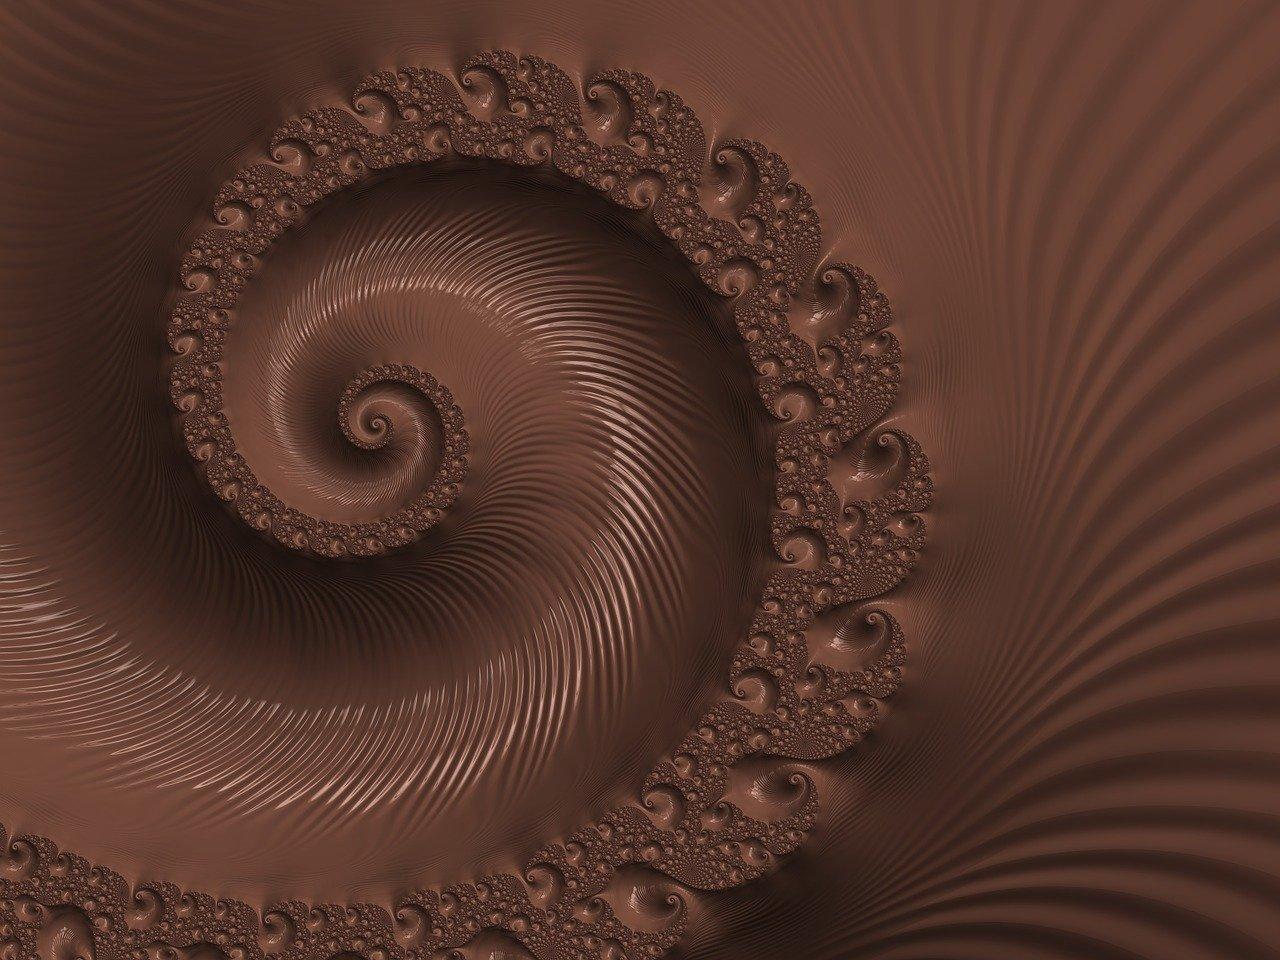 Zuckerfreier Schokoladenaufstrich als gesunder Frühstückssnack